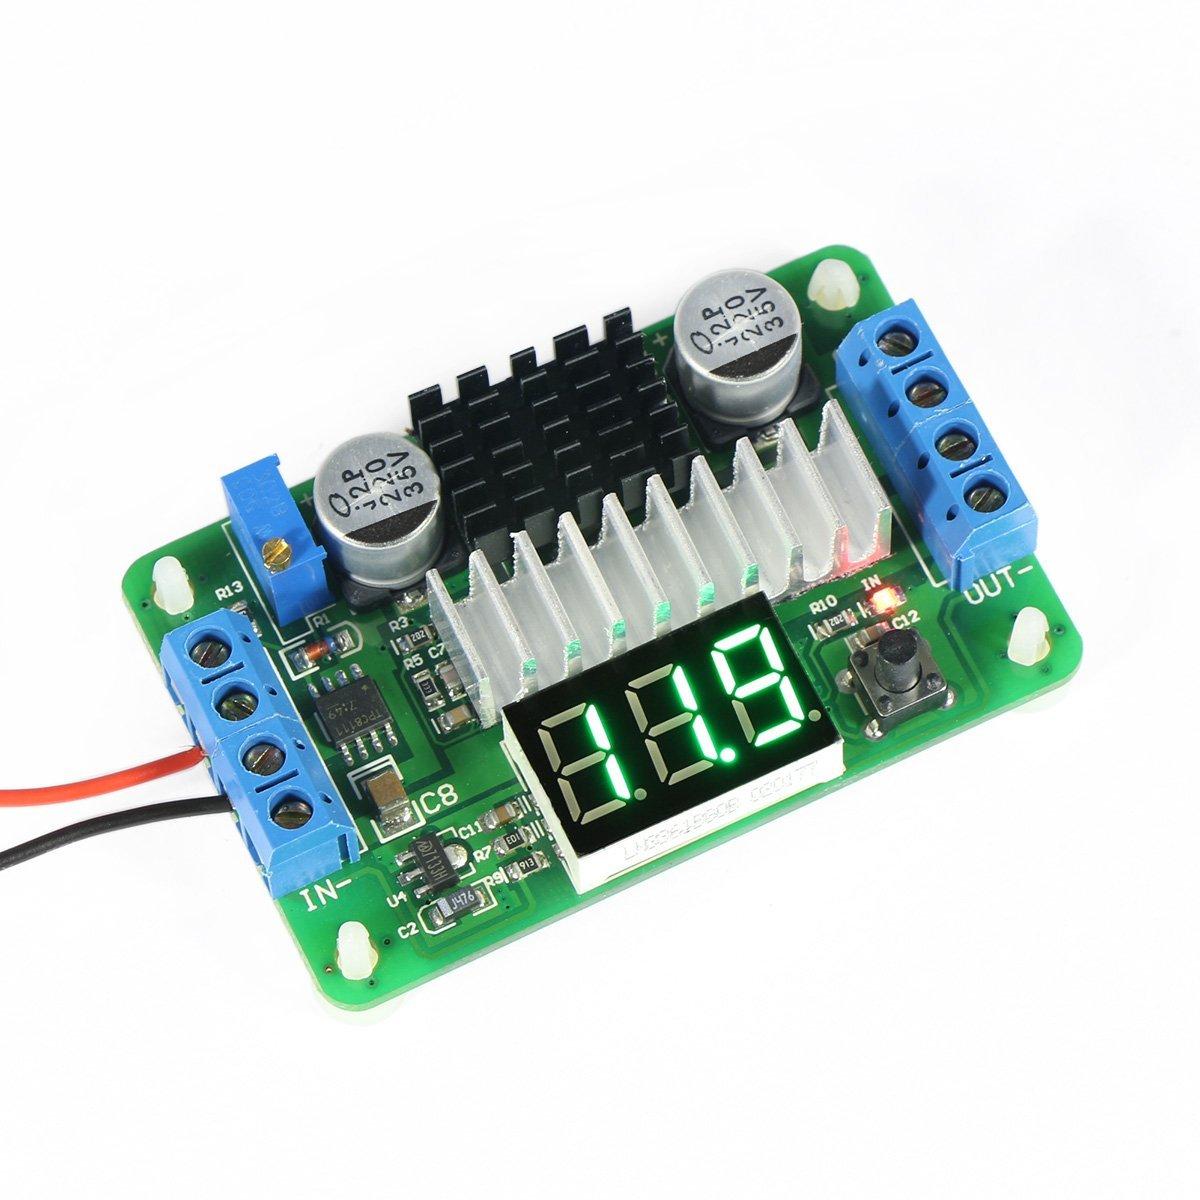 3.5V-30V DC Boost Converter Power Transformer Voltage 5V/12V Step Up Volt Module Power Supply Board for Car Auto Motorcycle